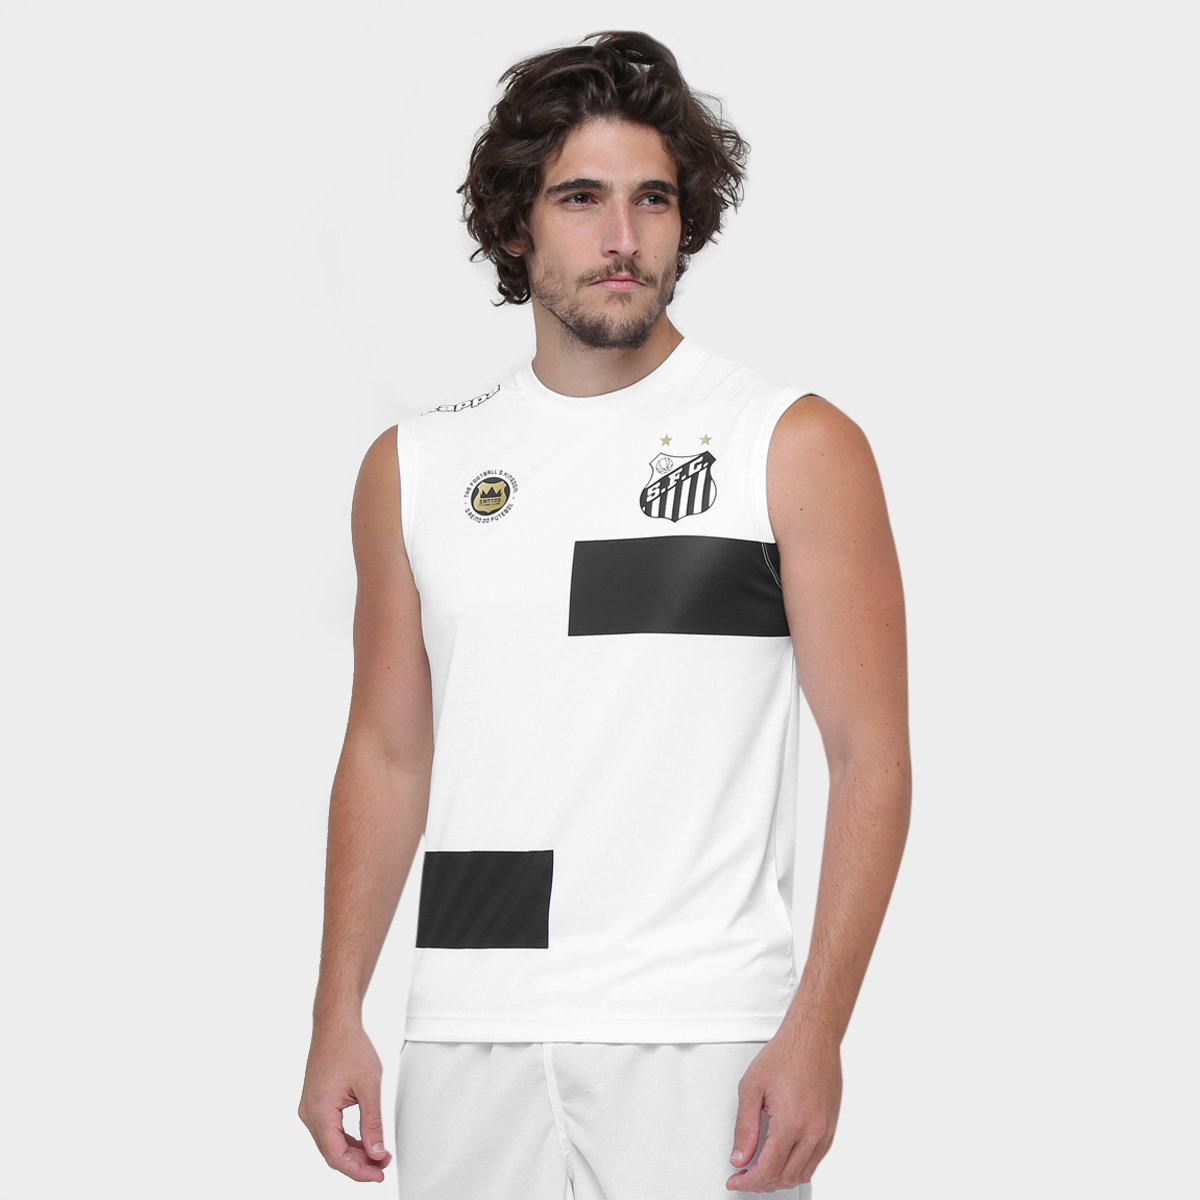 9b4220896ce13 Camisa Regata Kappa Santos Elenco Treino 17 18 - Compre Agora